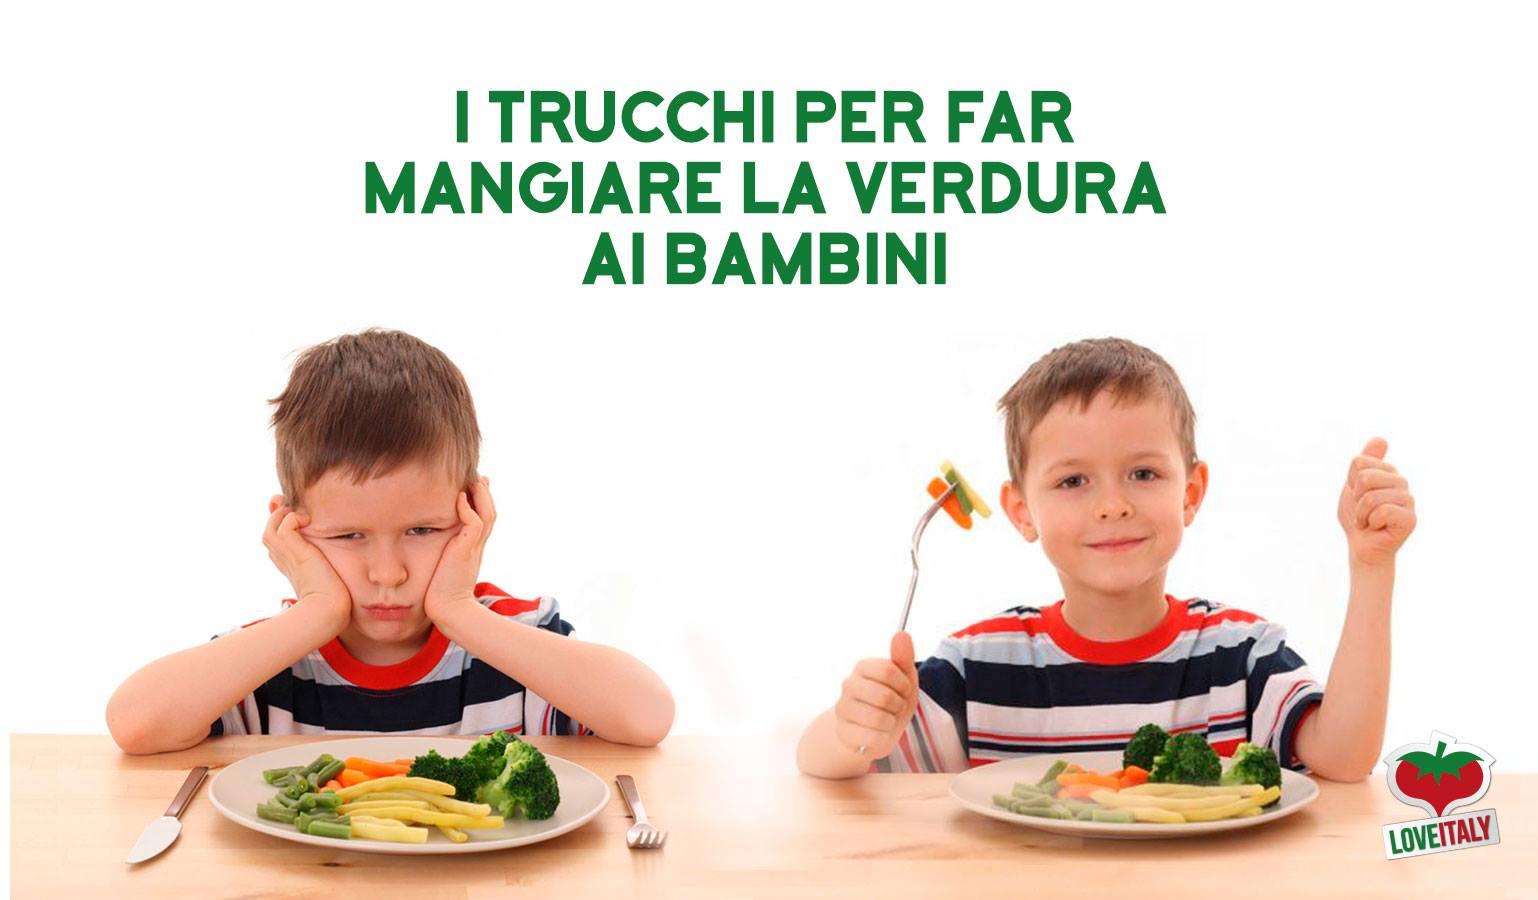 Come far mangiare le verdure ai bambini: trucchi